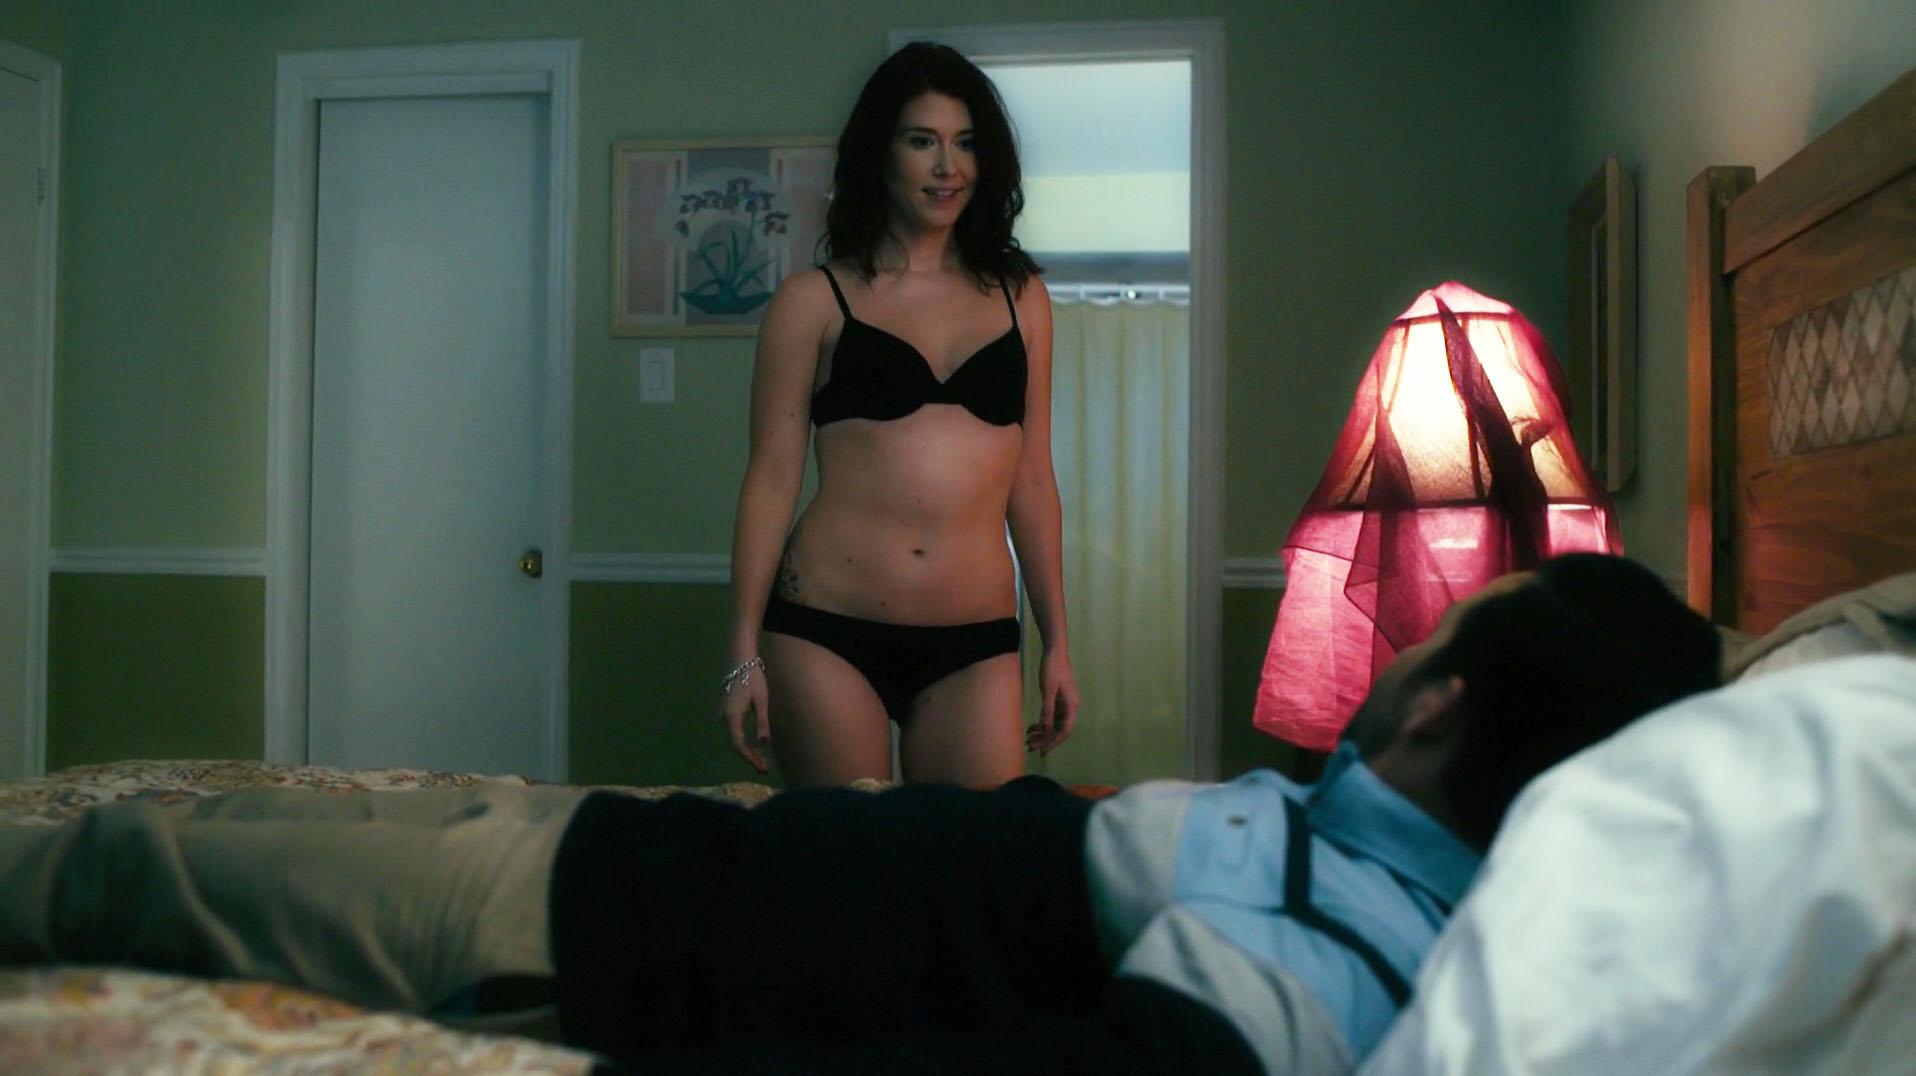 Mature pregnant lesbian sex